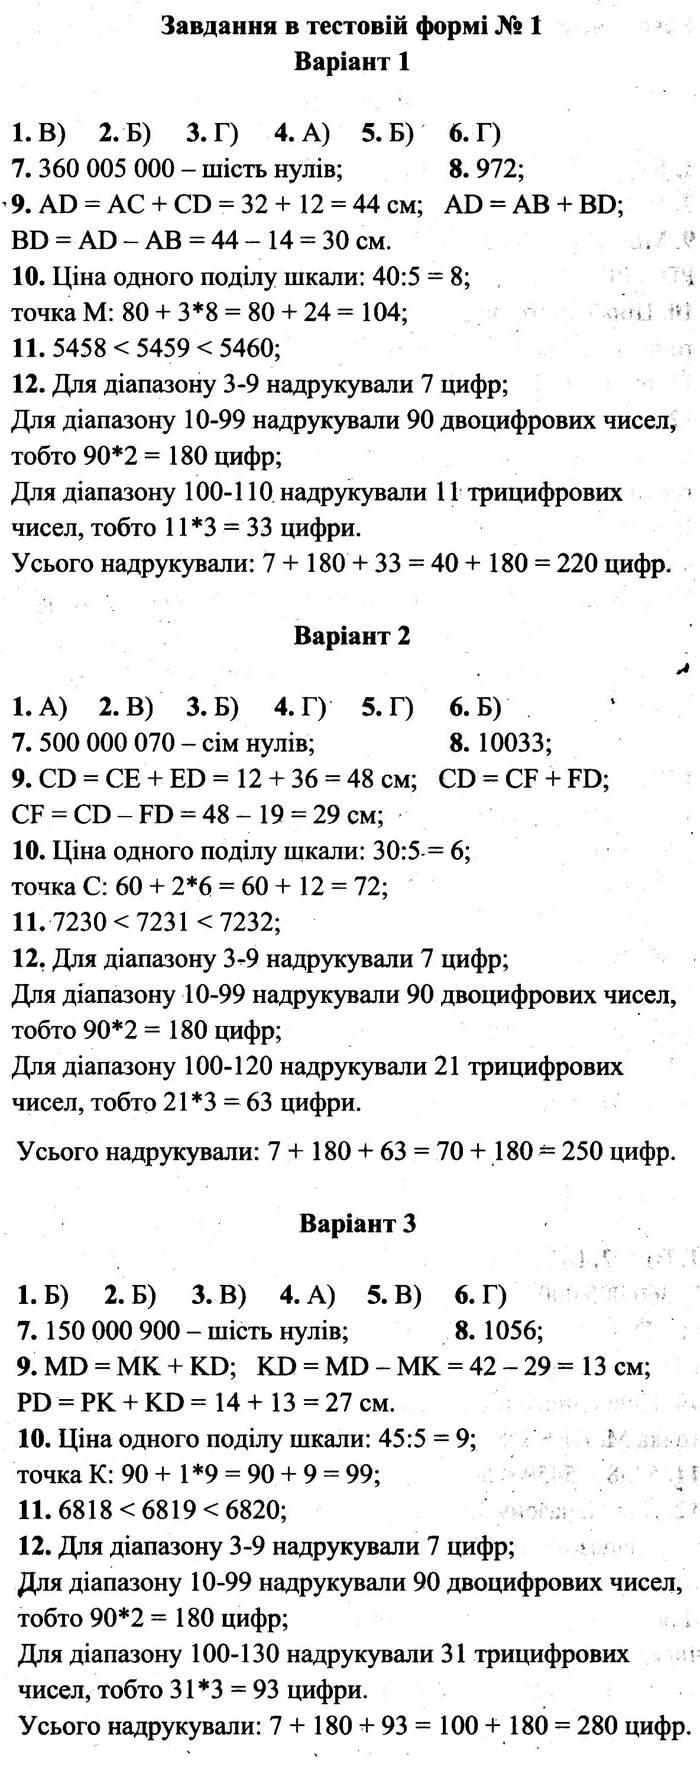 Розв'язання завдань до тестової роботи 1 посібника 5 клас Математика Мерзляк (збірник самостійних робіт і тестів) 2020 рік